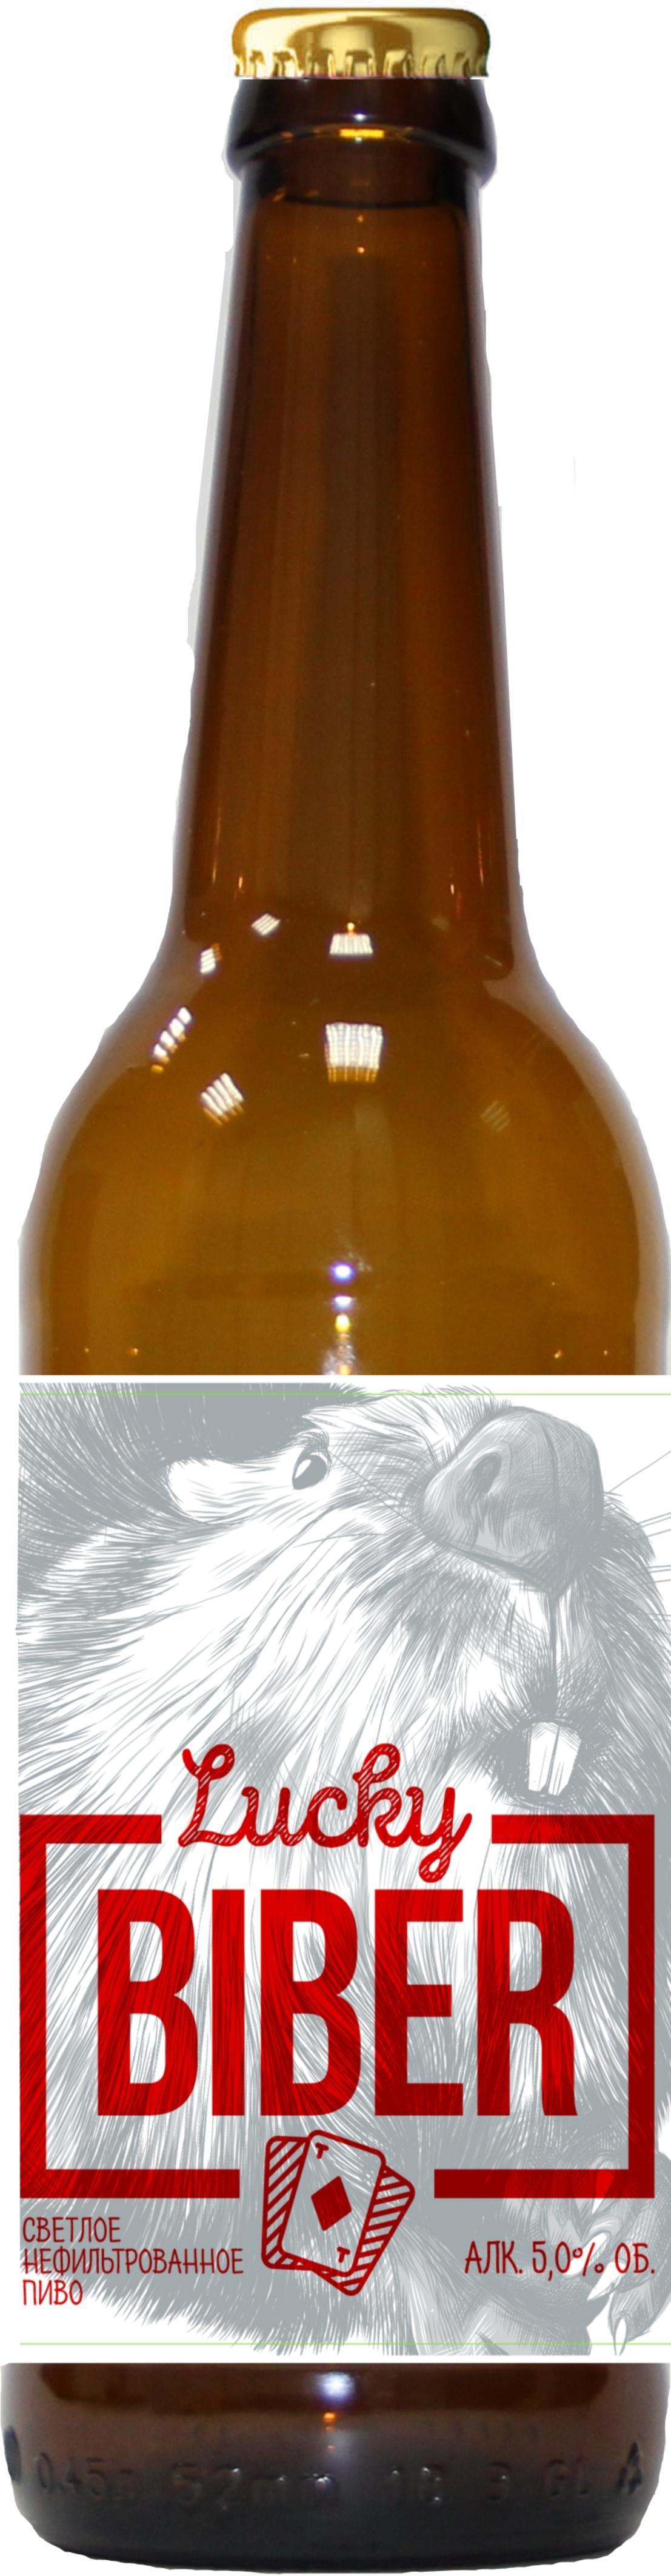 Россия. Тюменский филиал «Очаково» выпустил новое молодёжное пиво Lucky Biber